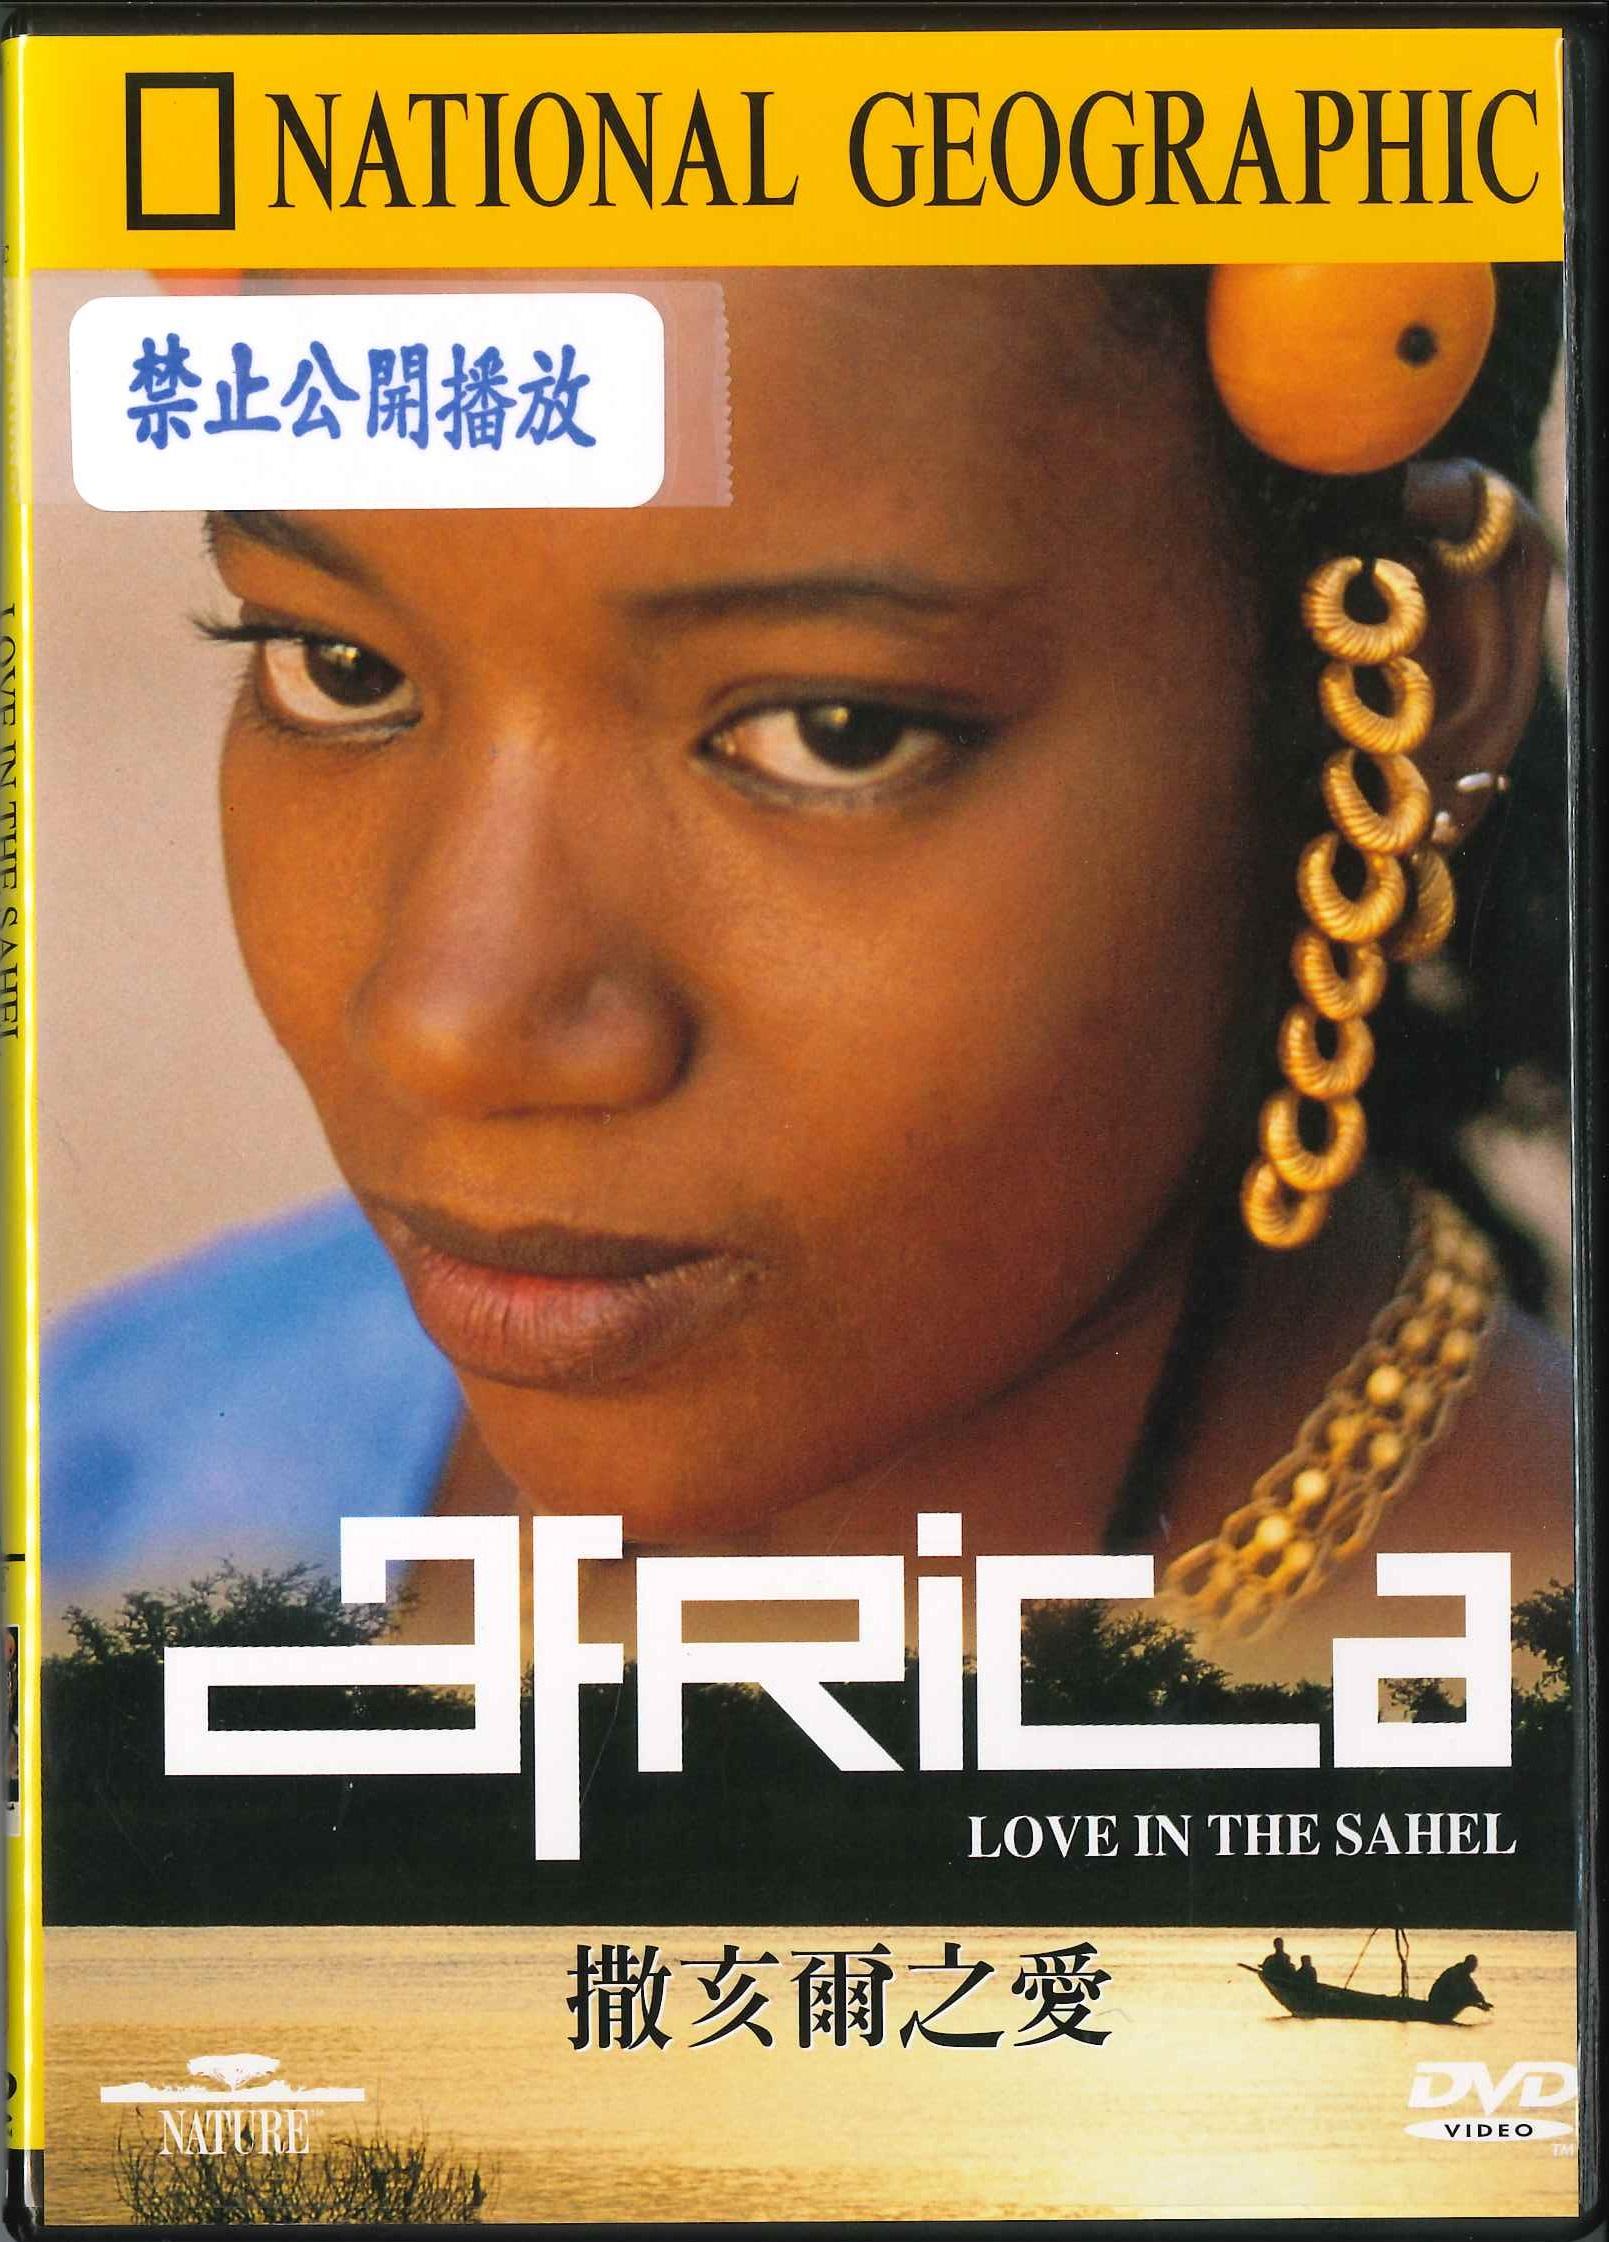 撒亥爾之愛 [錄影資料]=Love in the Sahel